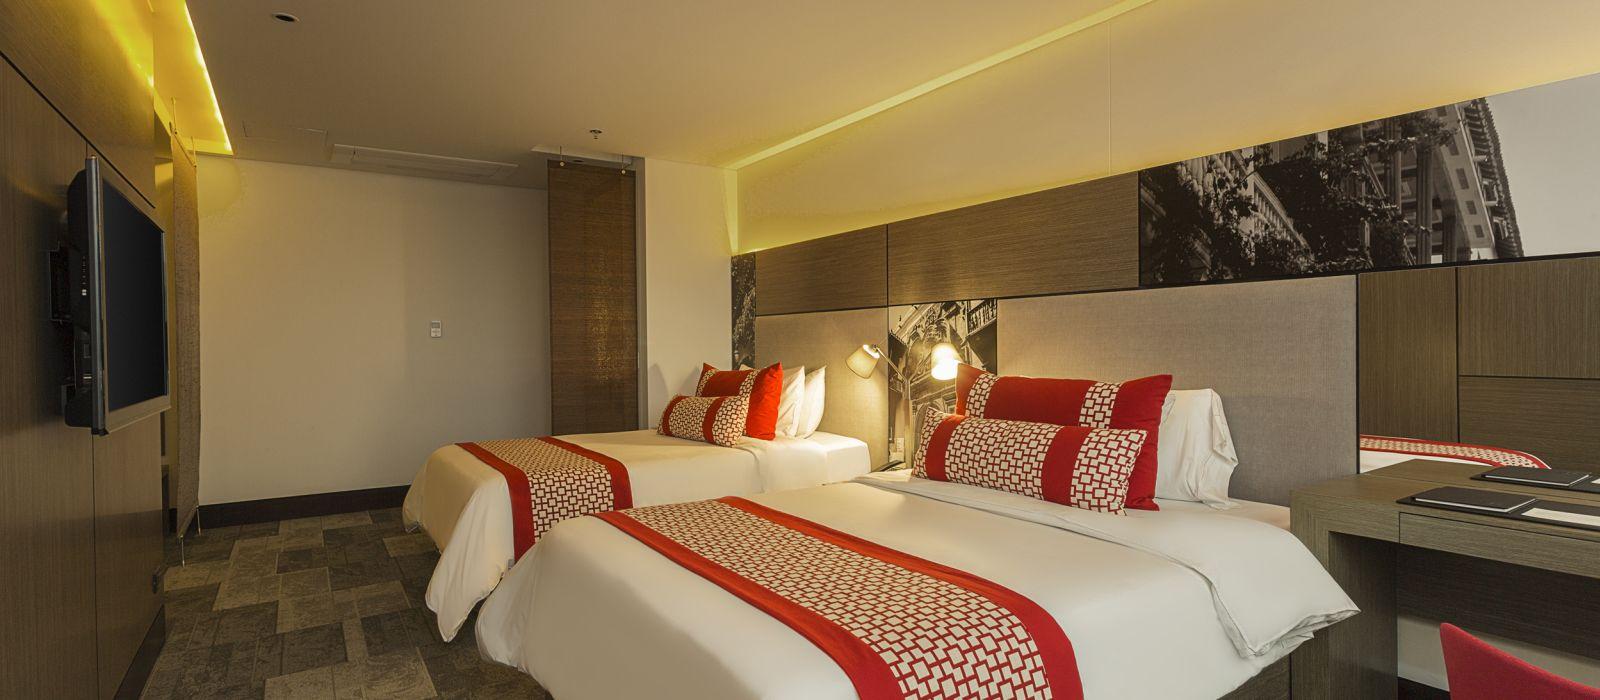 Hotel EK Suites Colombia